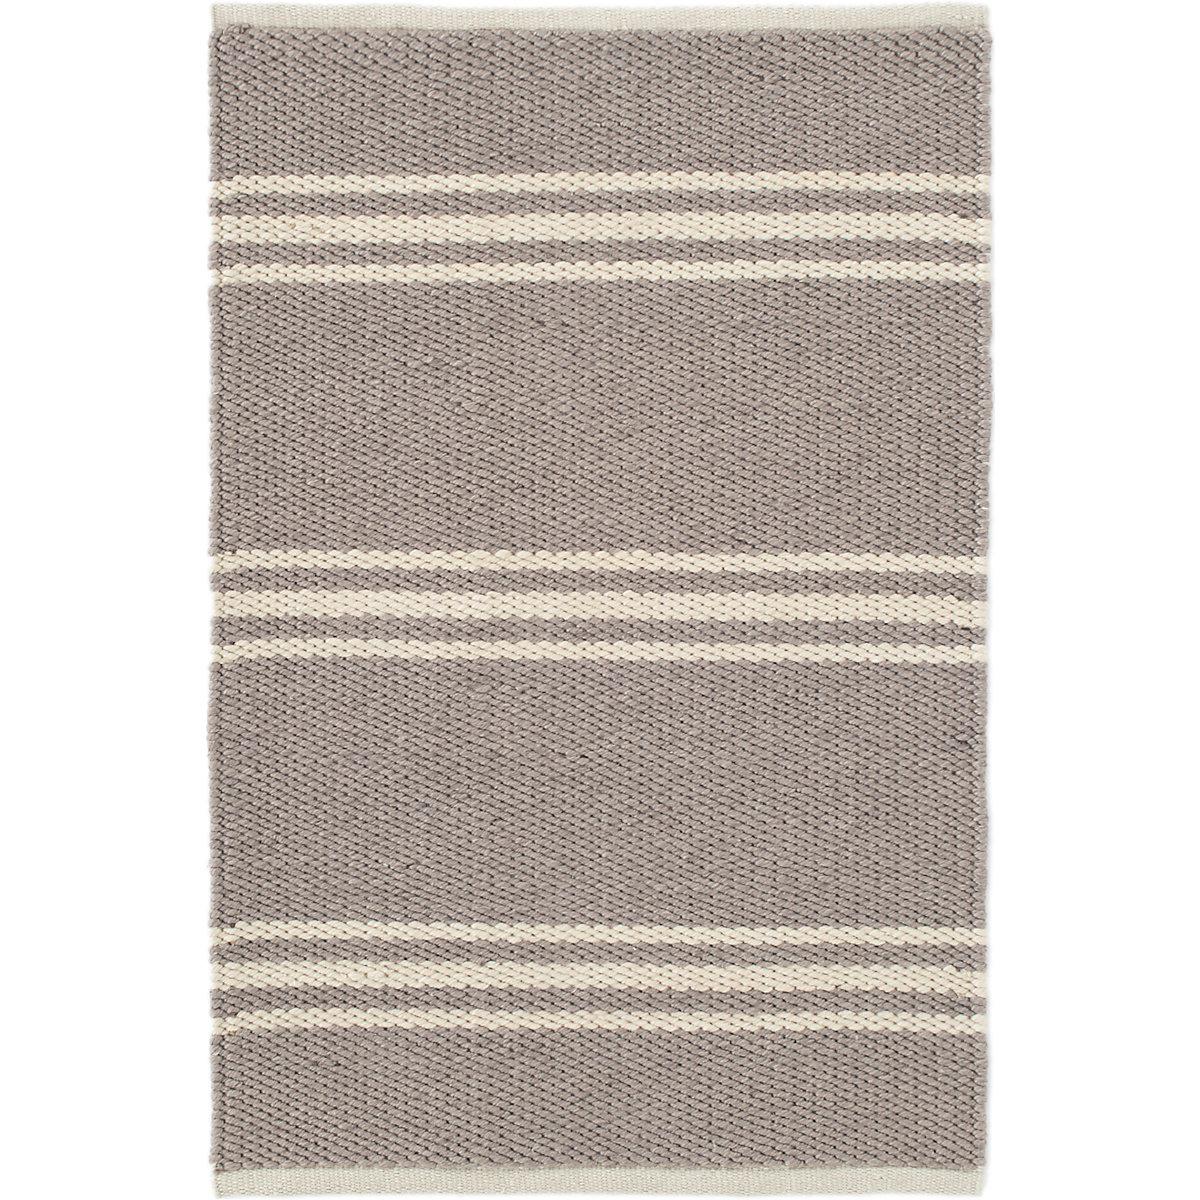 Lexington Grey/Ivory Indoor/Outdoor Rug | Dash & Albert